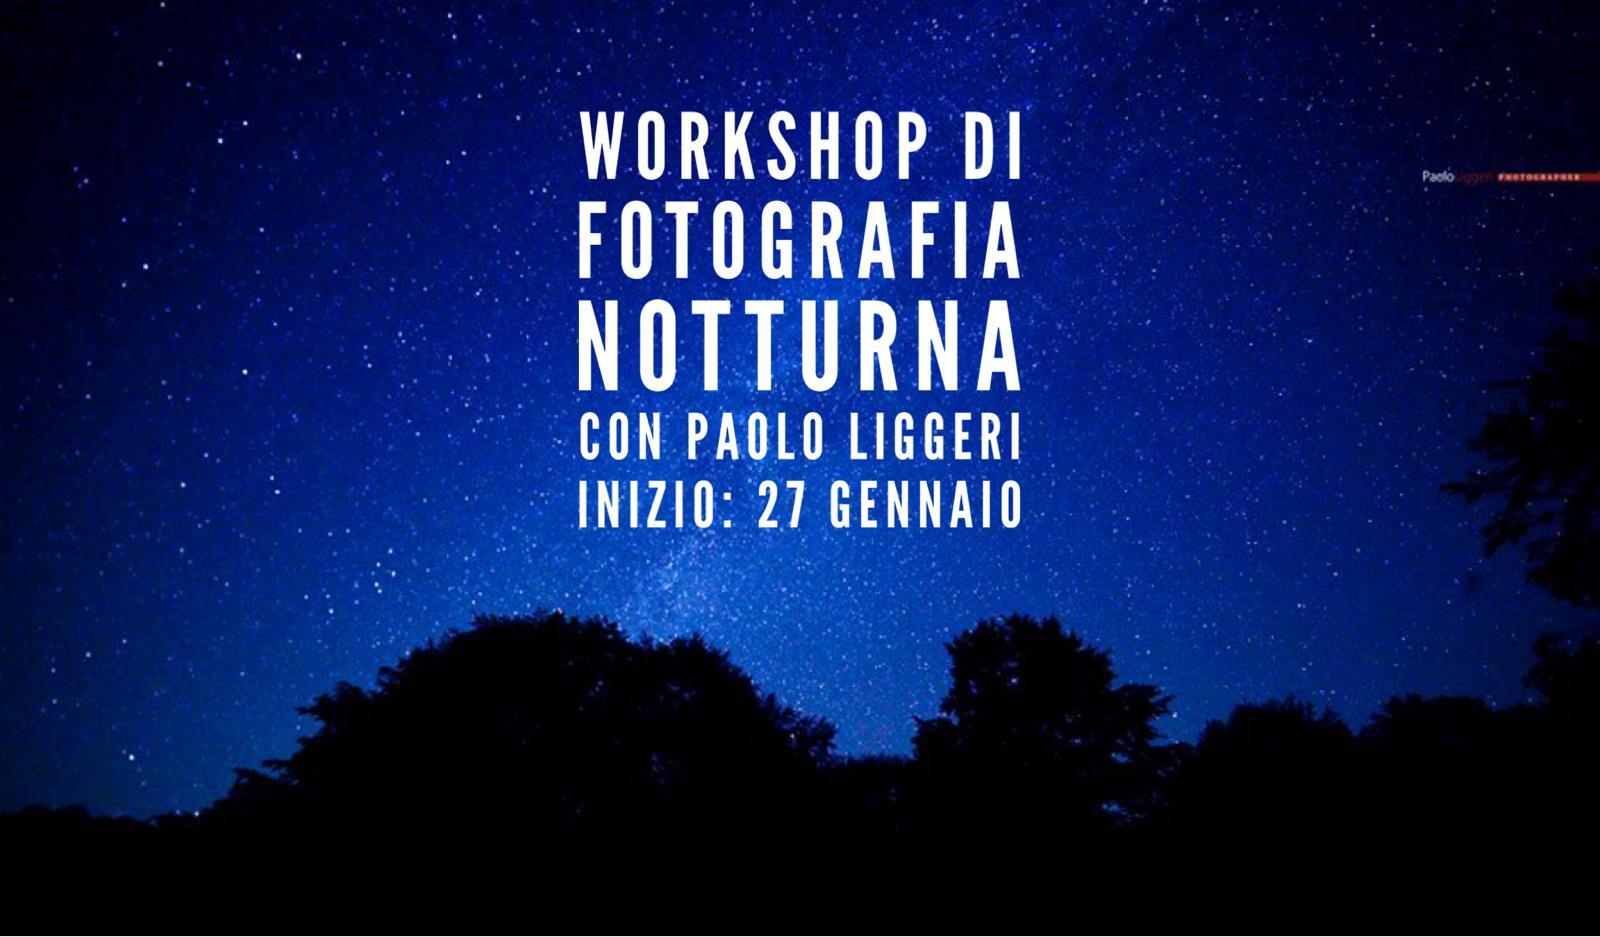 Workshop intensivo di fotografia notturna con Paolo Liggeri